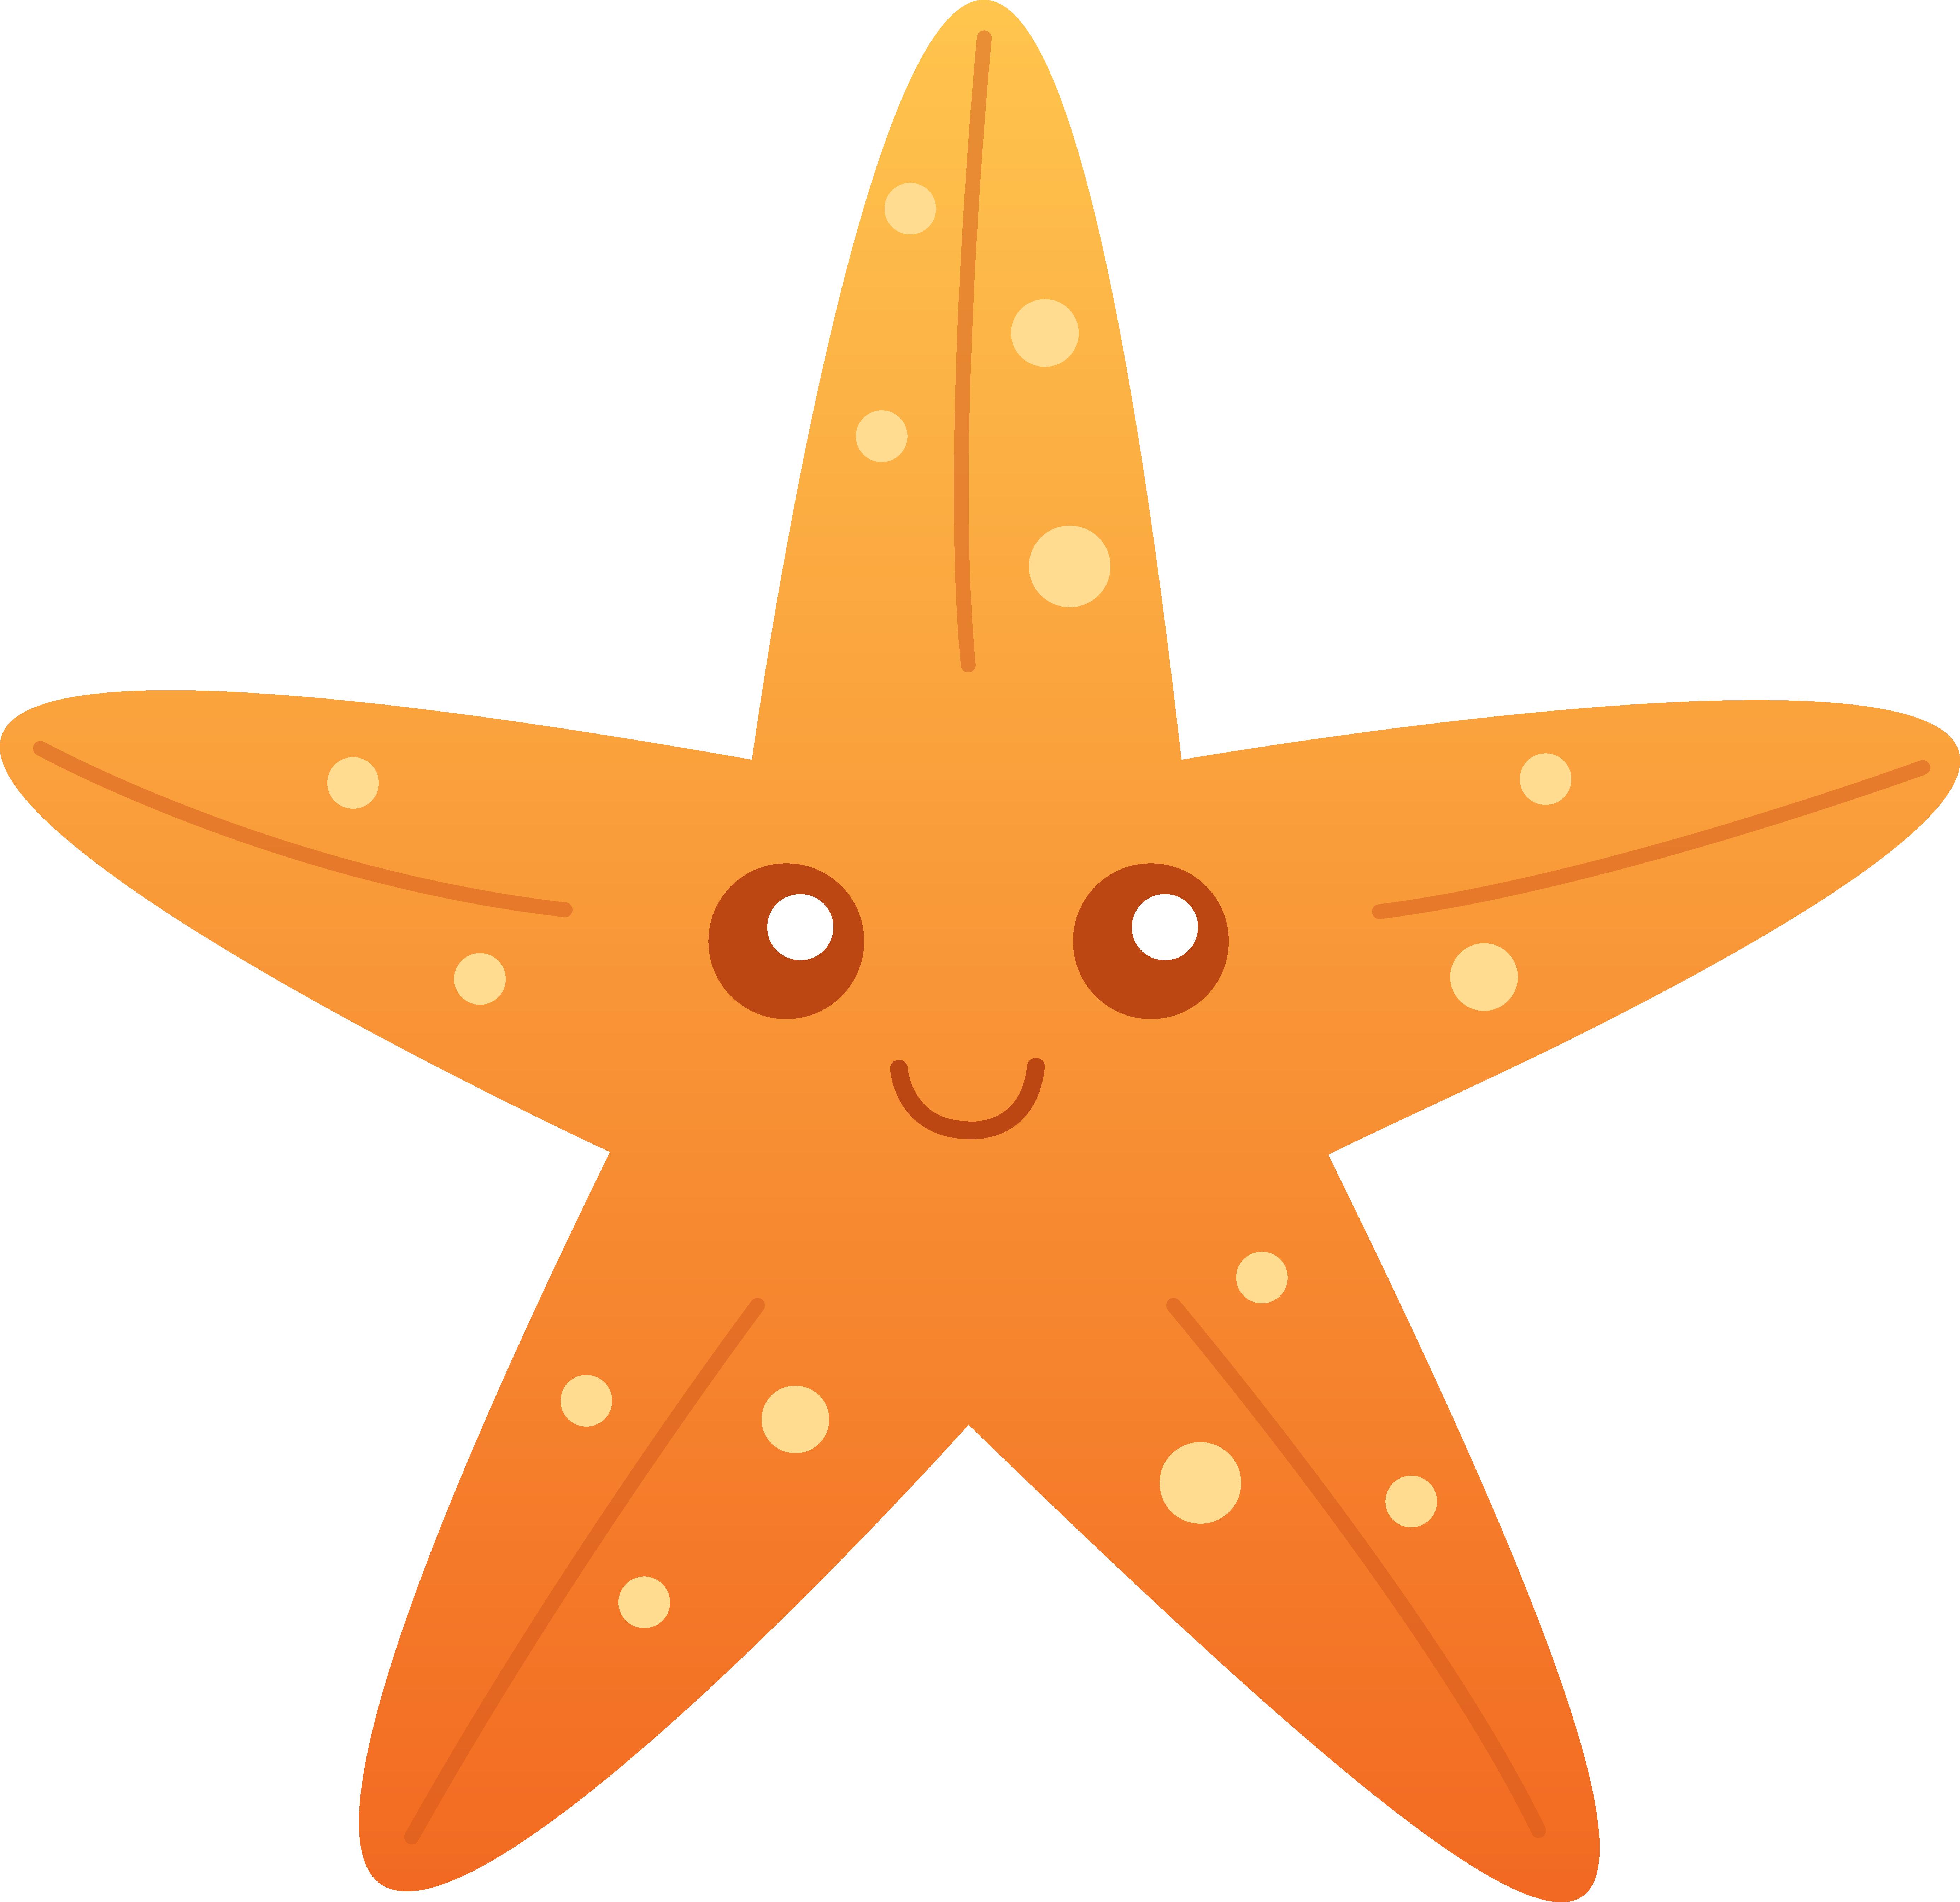 5546x5381 Cute Orange Starfish